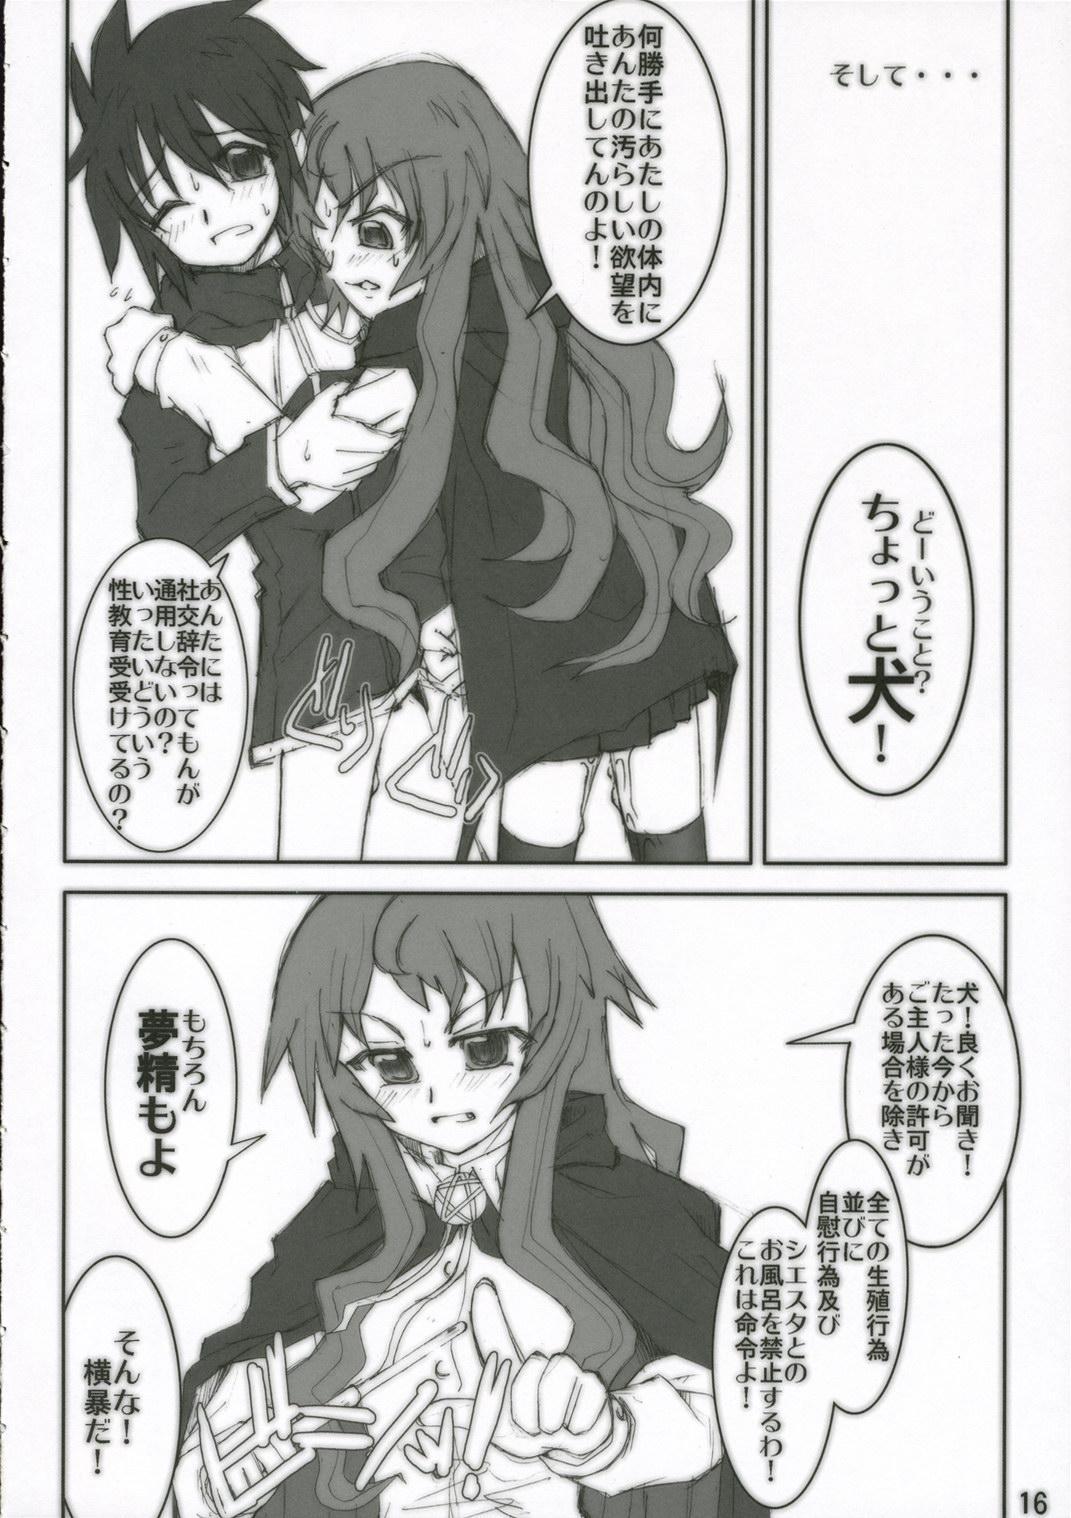 Hajimete no Inu 16